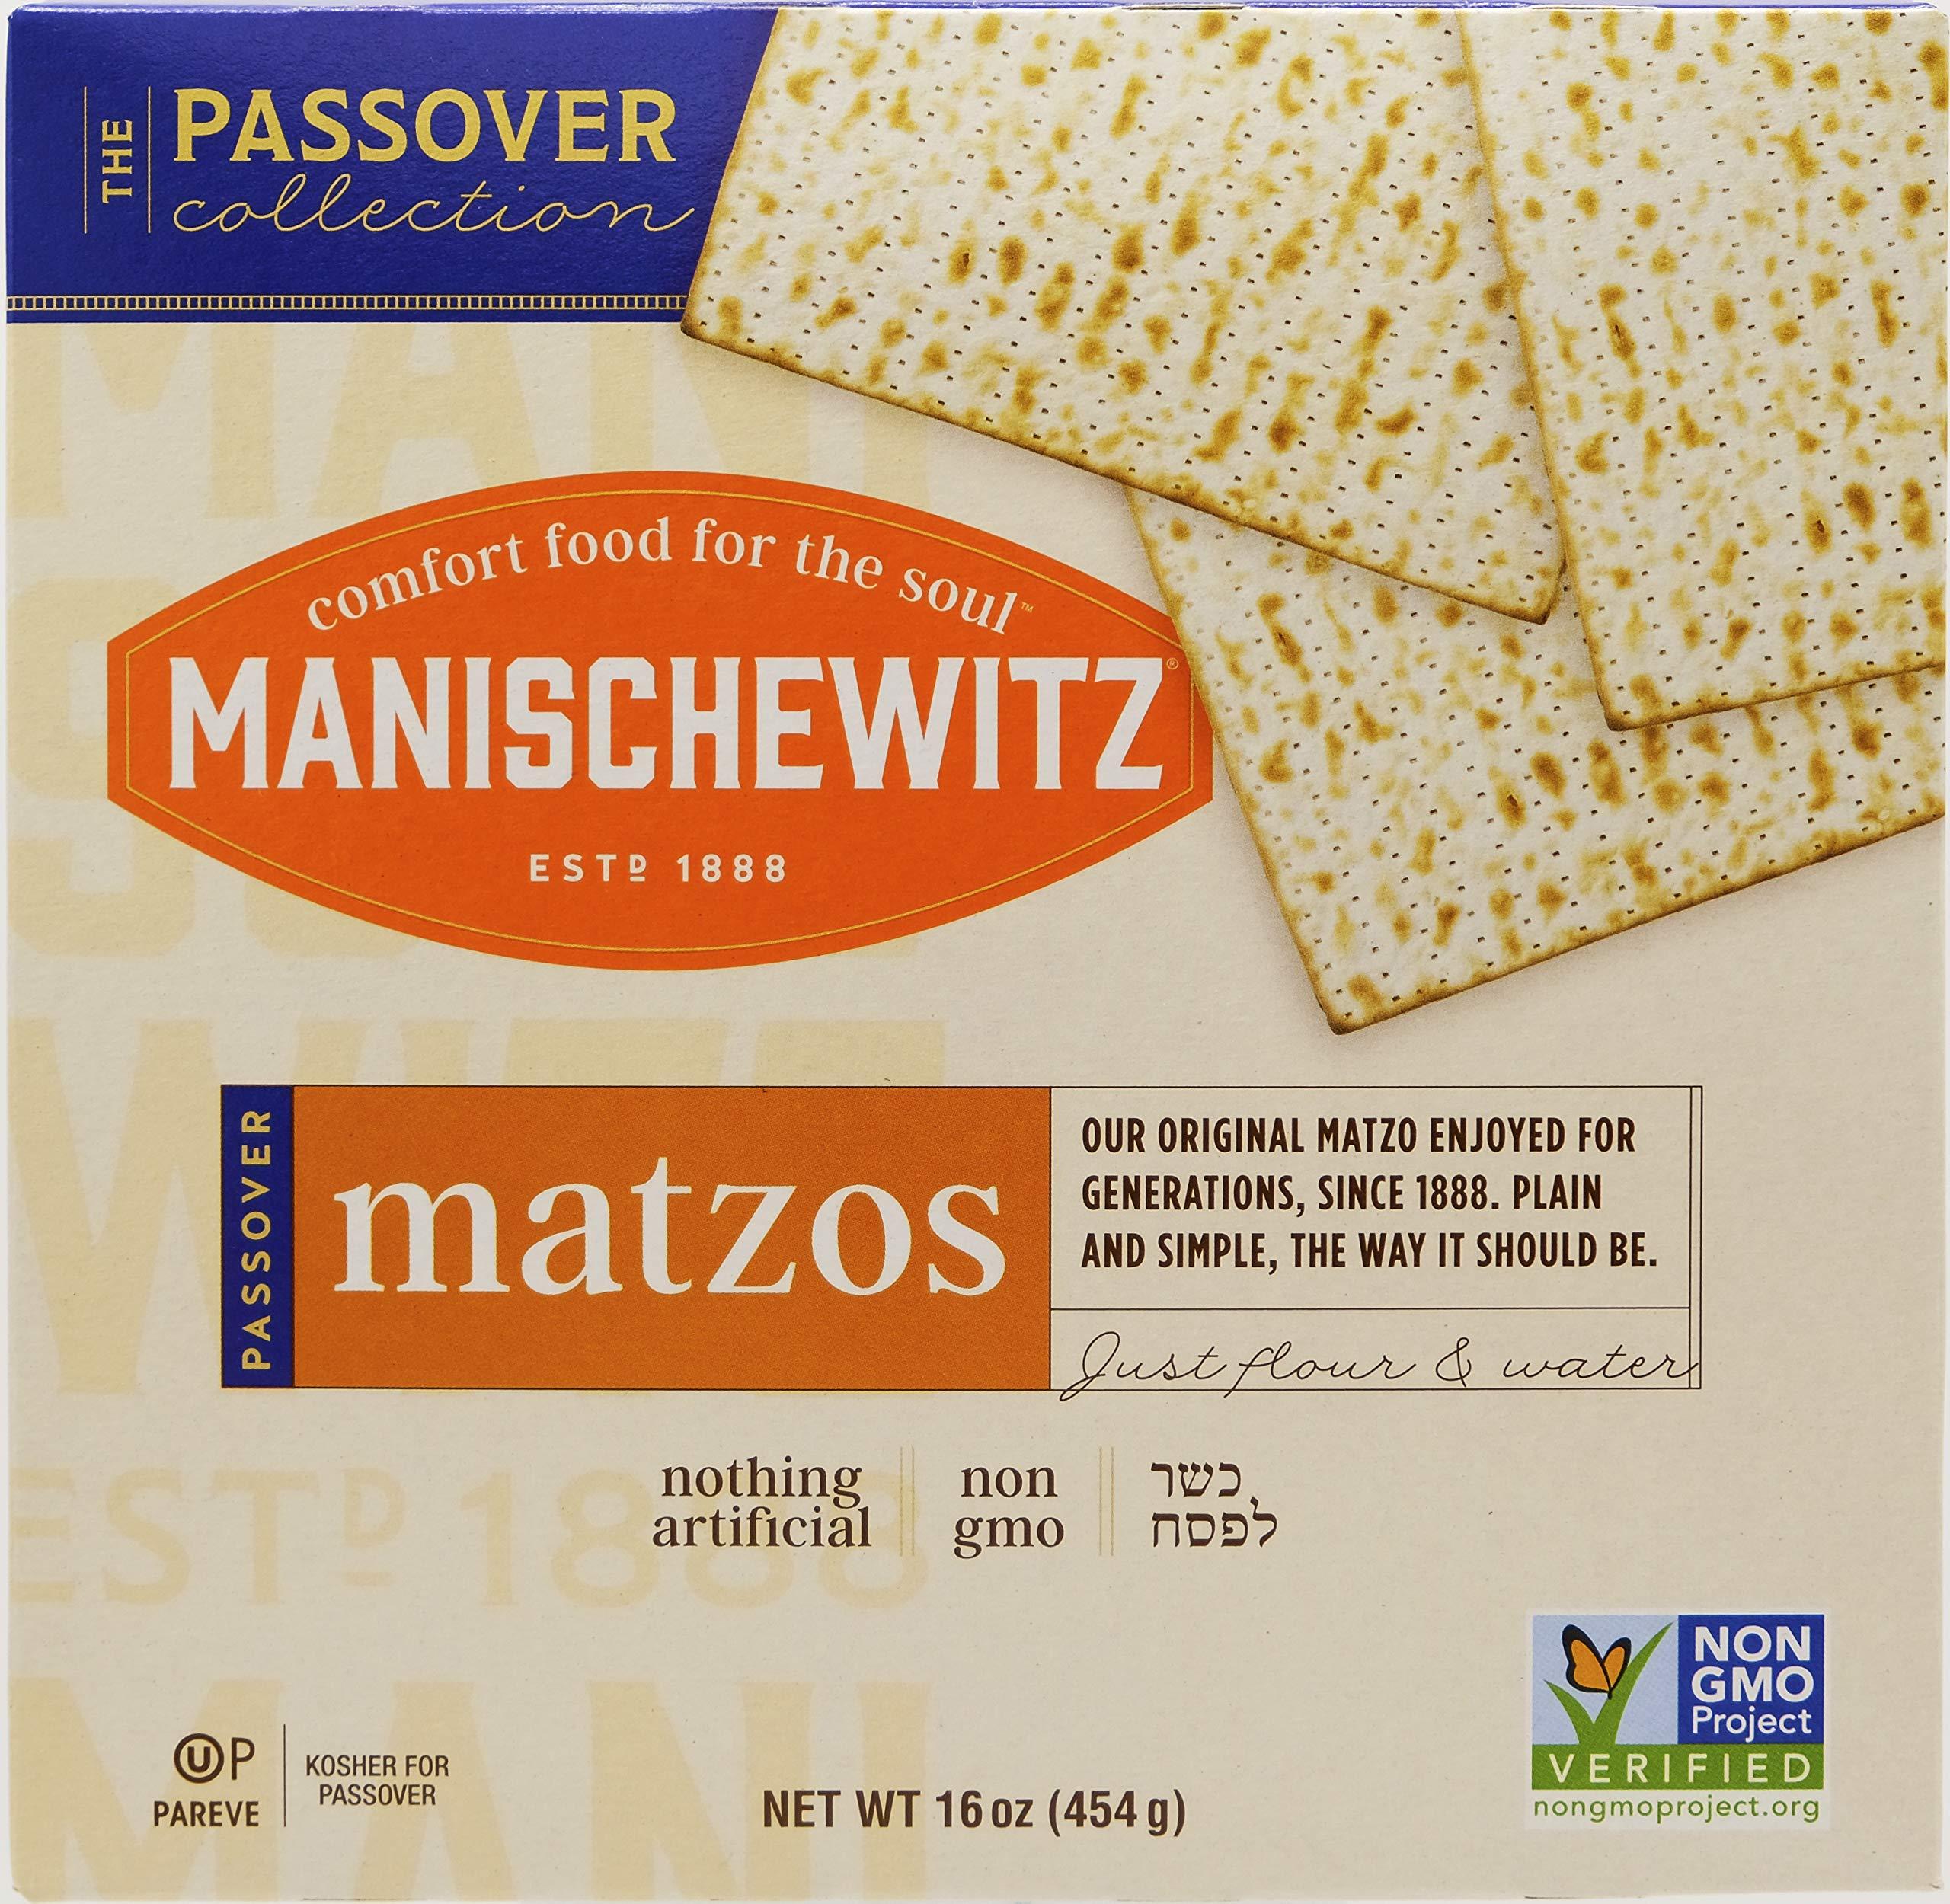 Manischewitz Passover Matzo 1 Pound (1 Box )